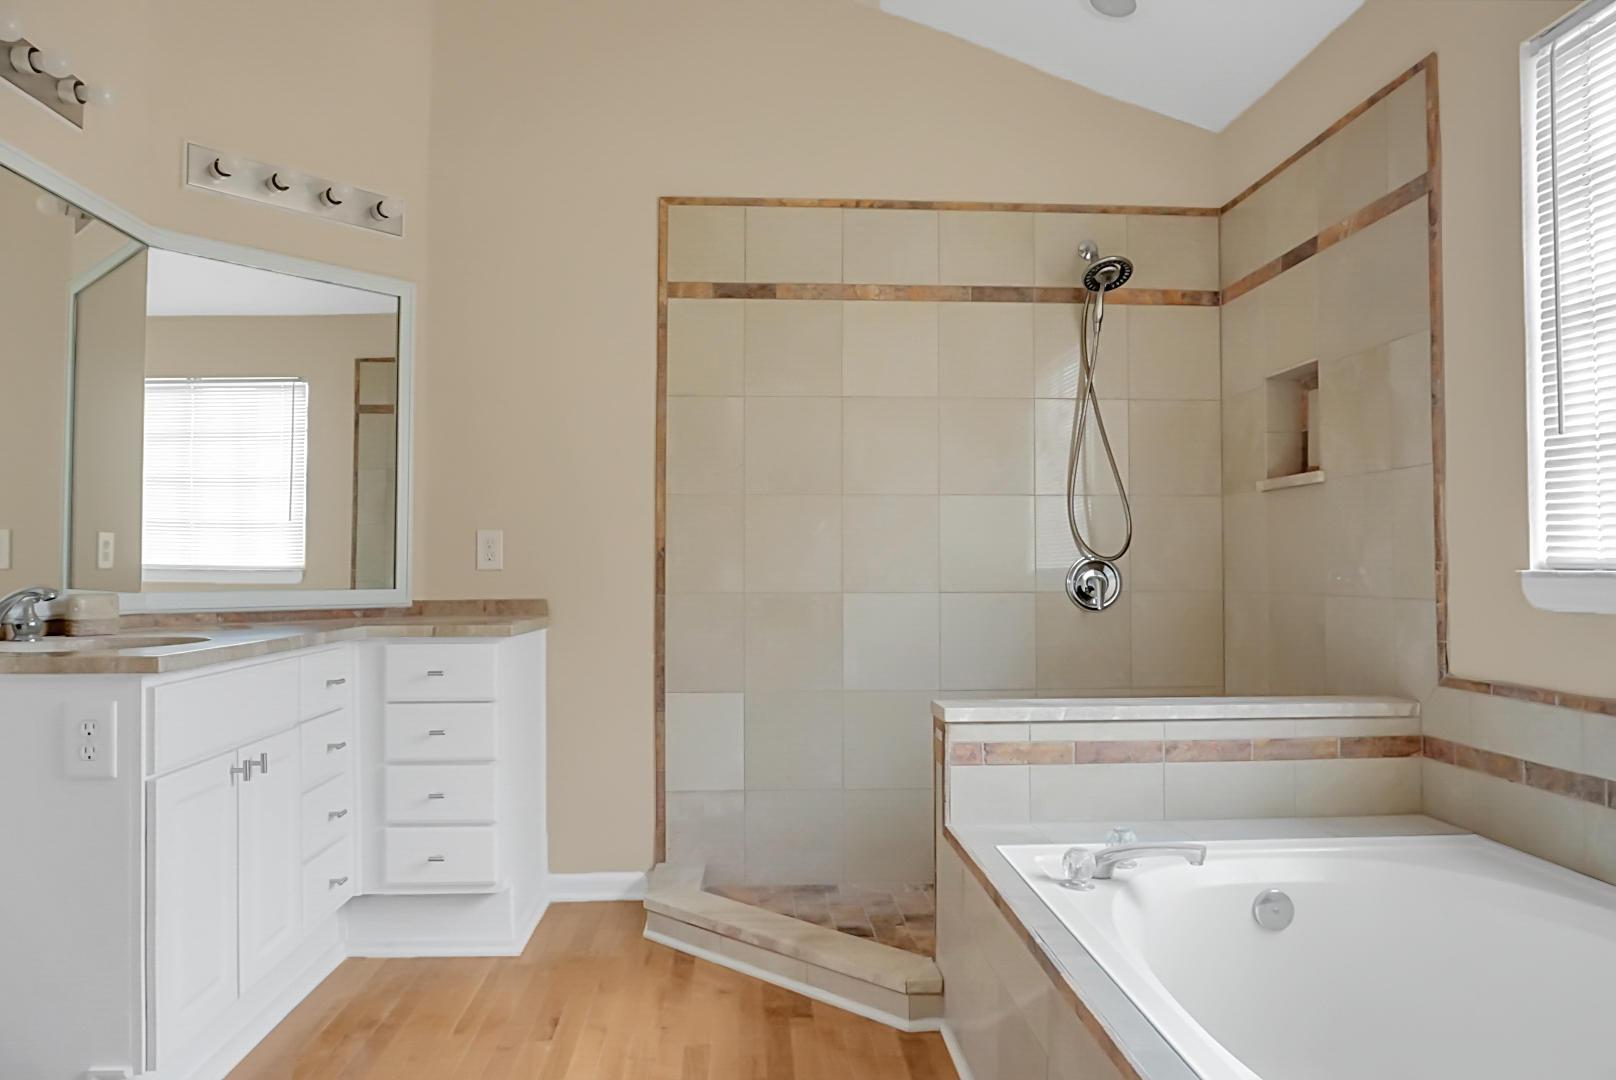 Dunes West Homes For Sale - 3209 Carmel Bay, Mount Pleasant, SC - 5